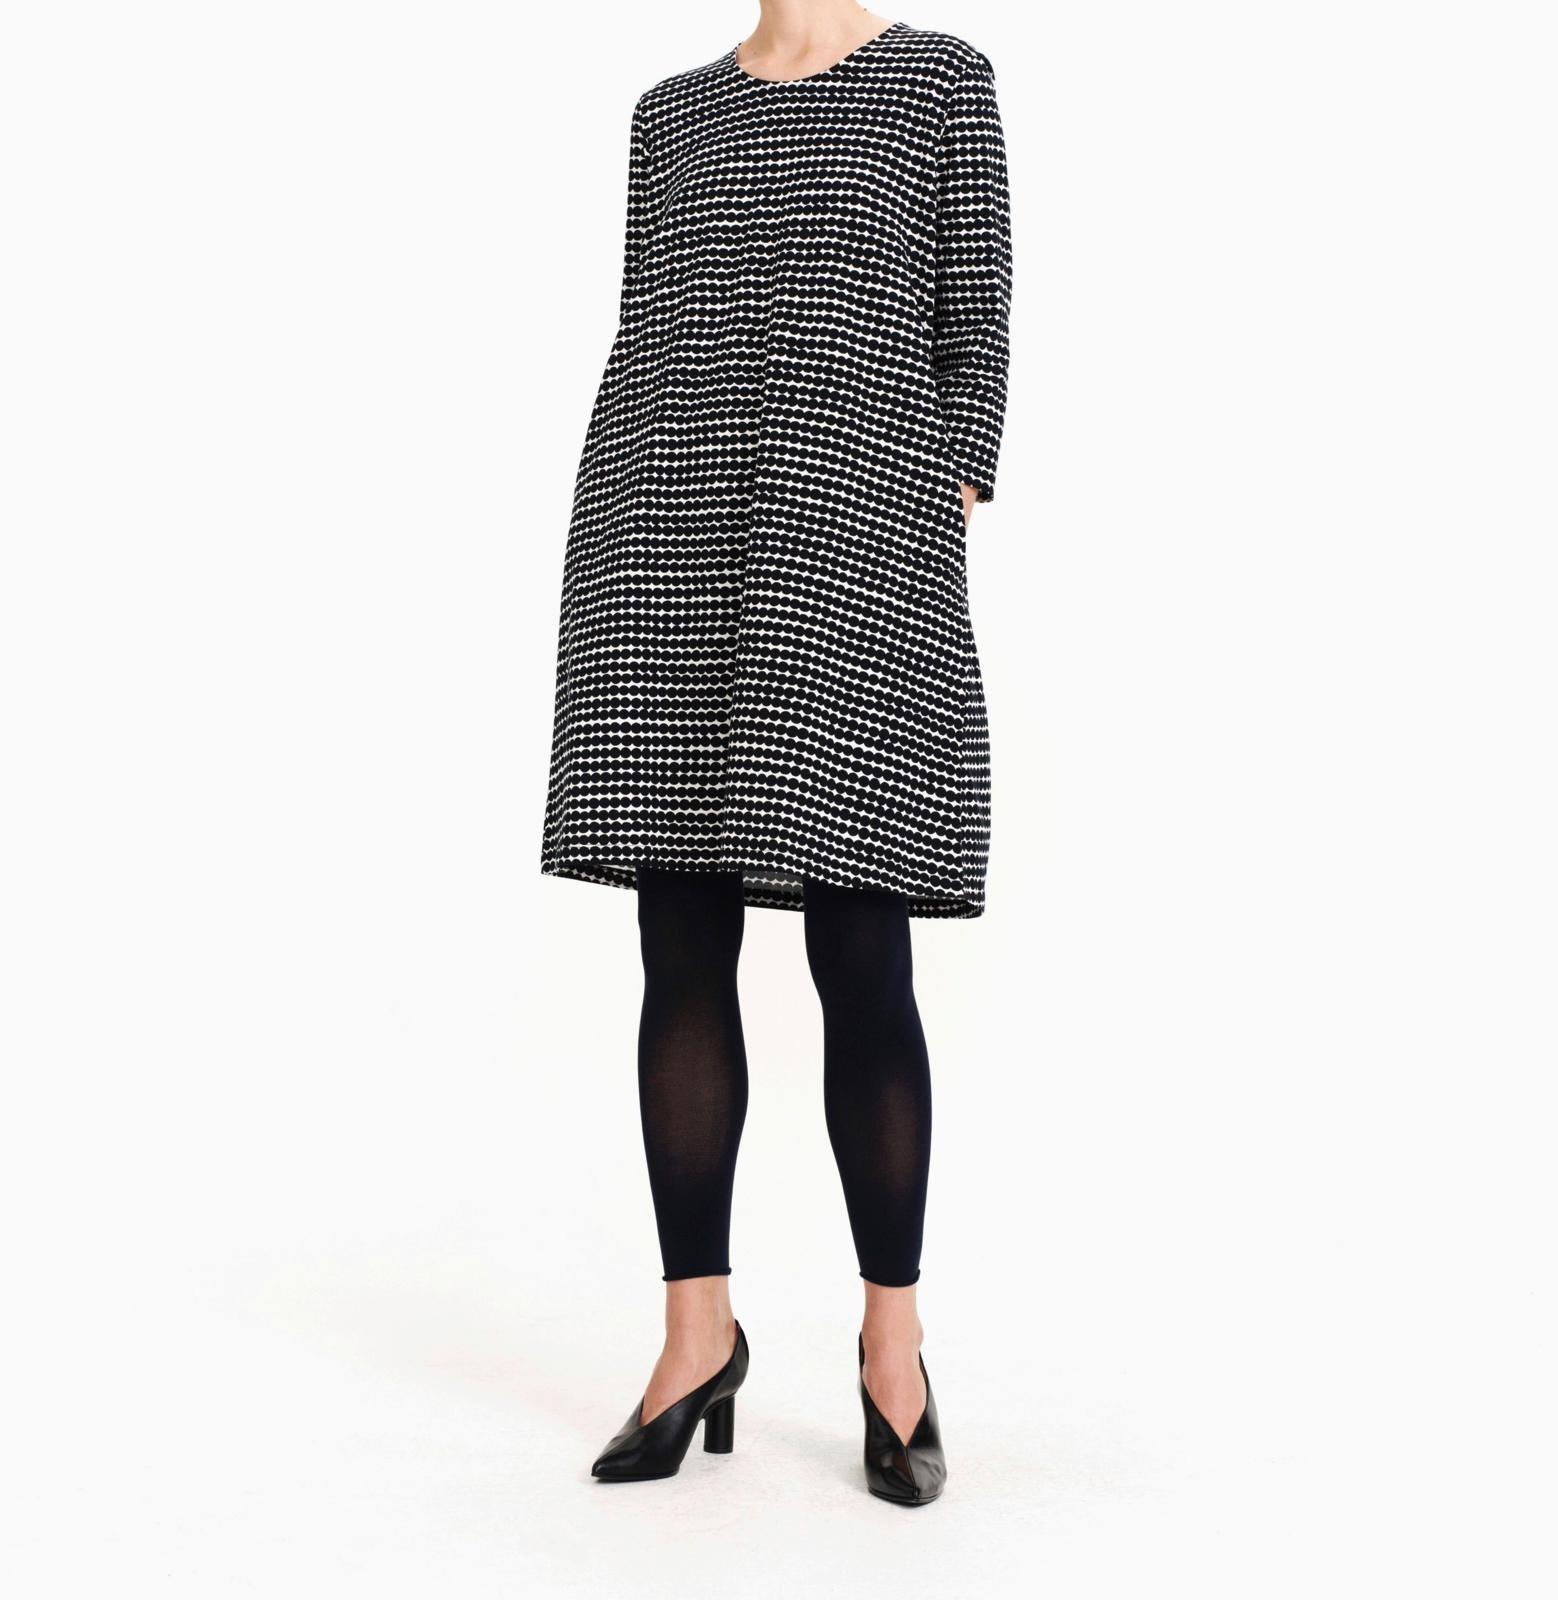 Räsymatto mekko Marimekko, koko S | Rekki